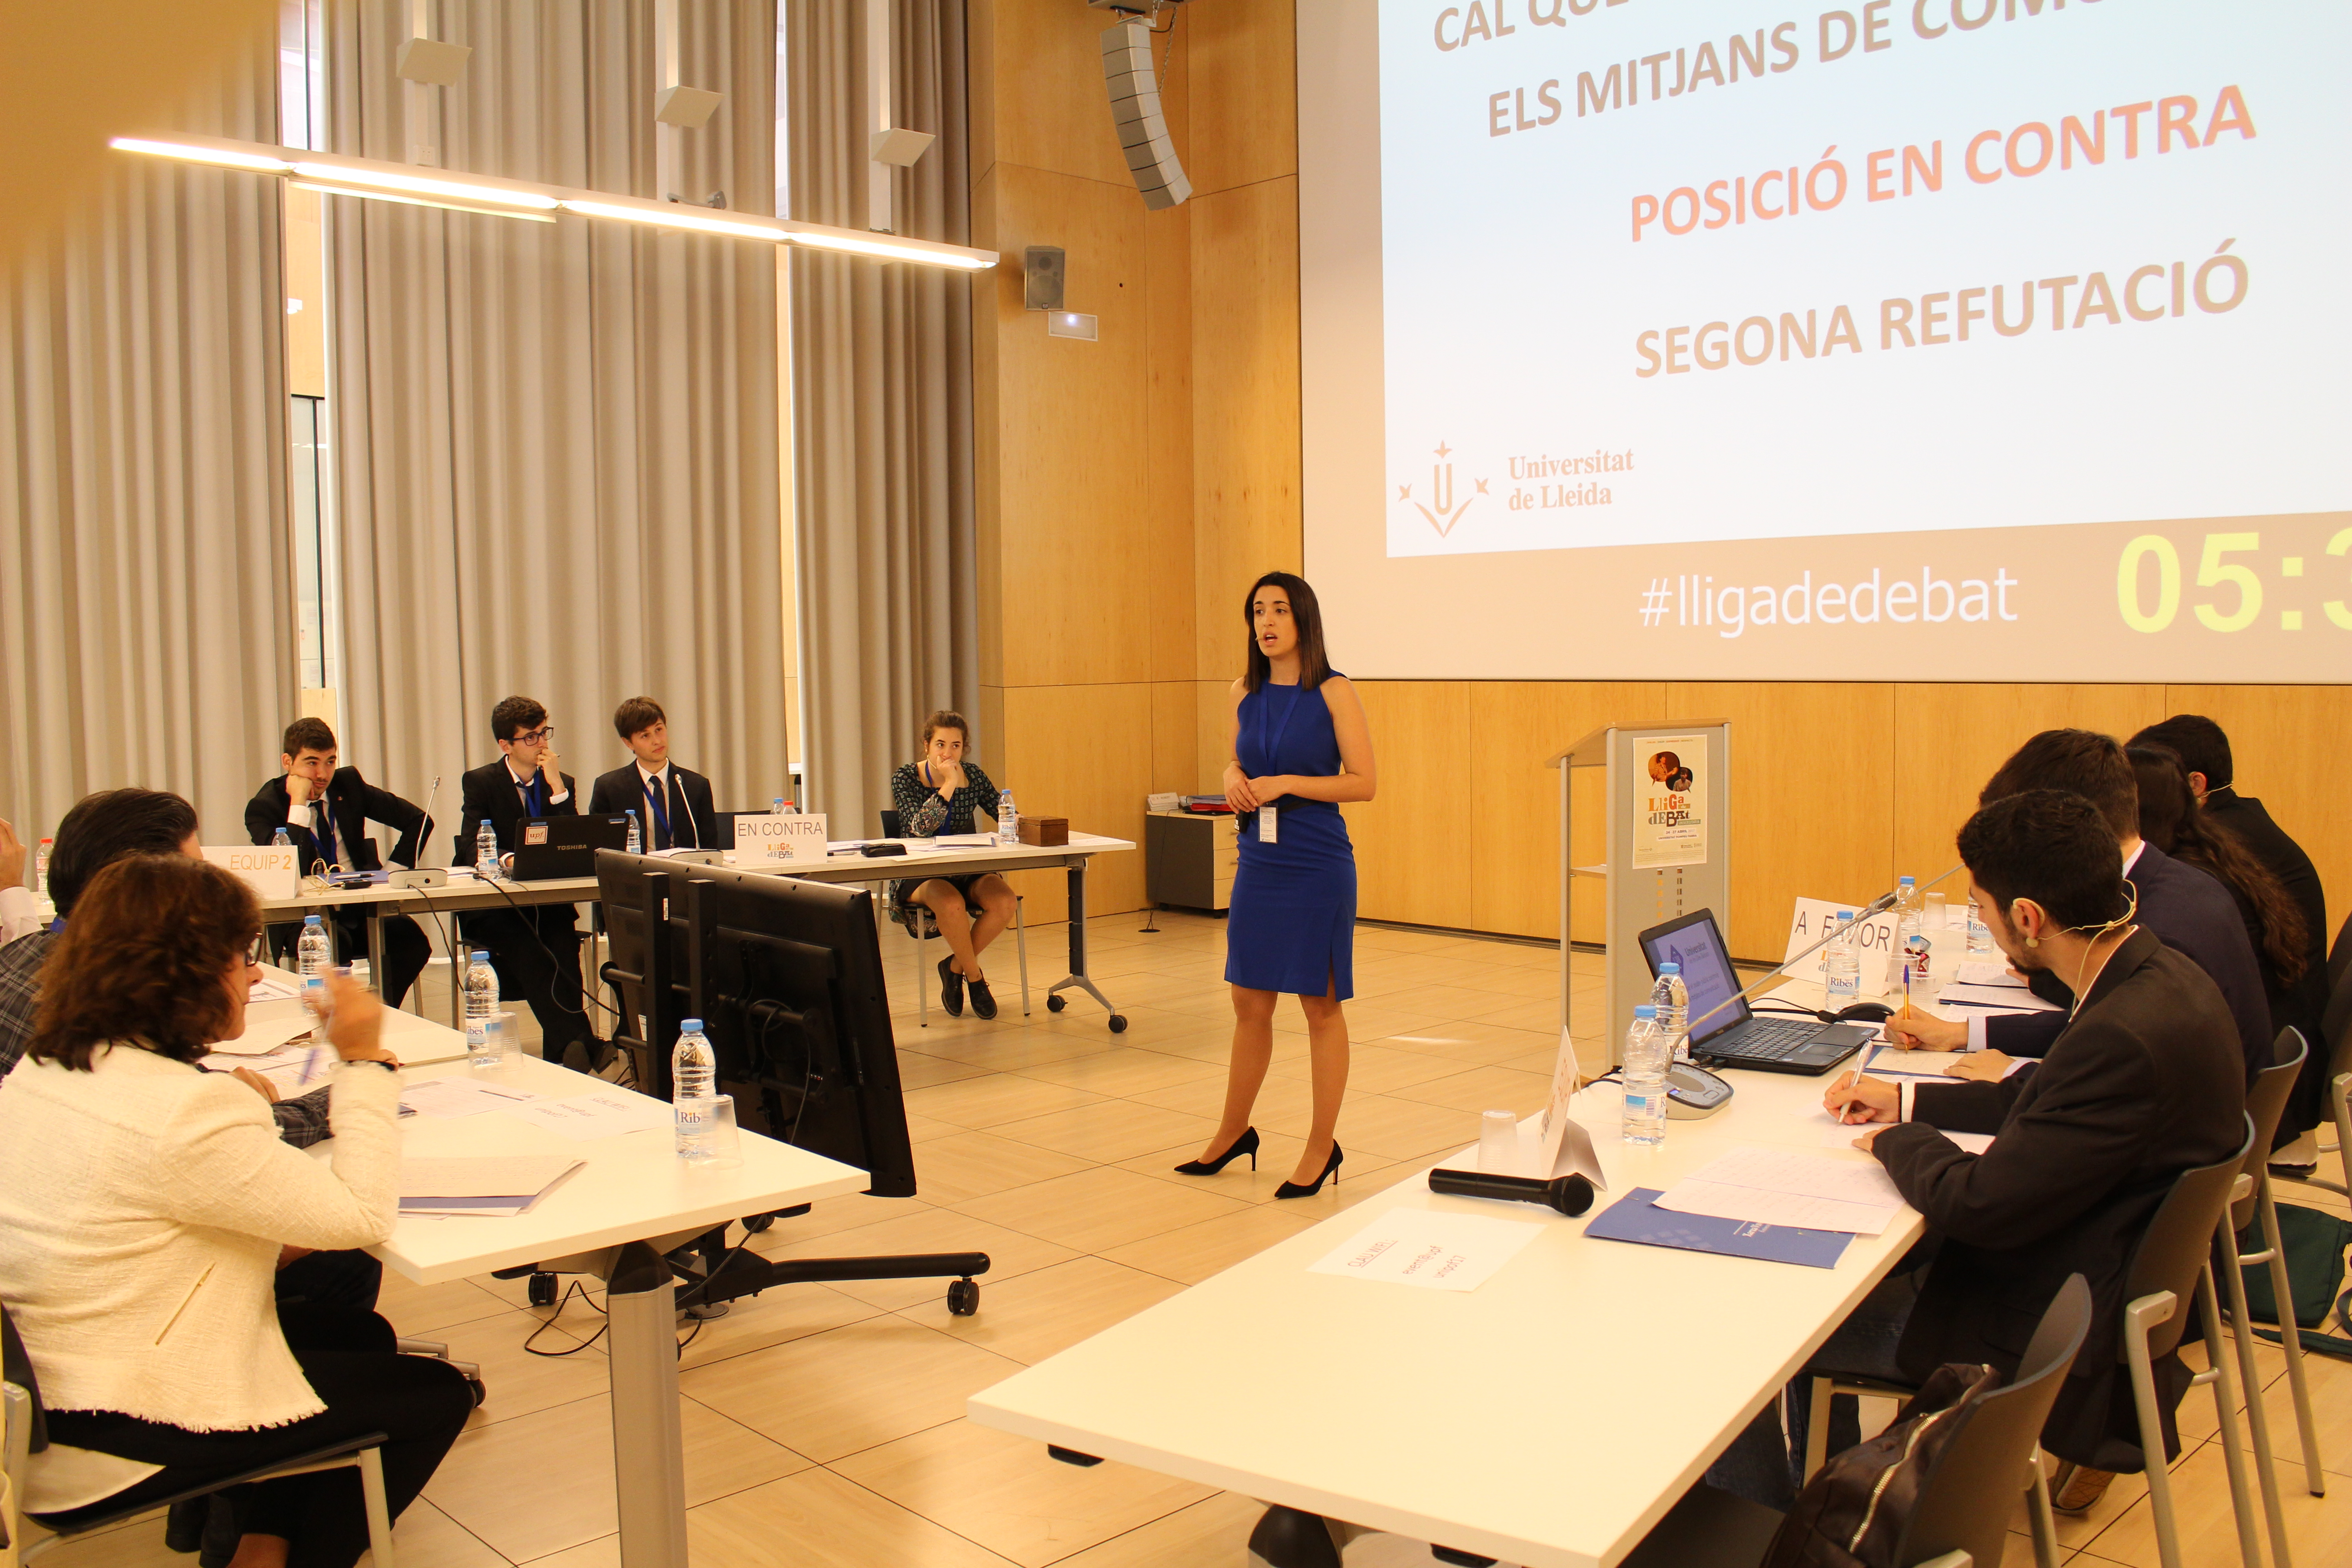 Un total de 16 universitats participaran en la Lliga de Debat Universitària de la Xarxa Vives